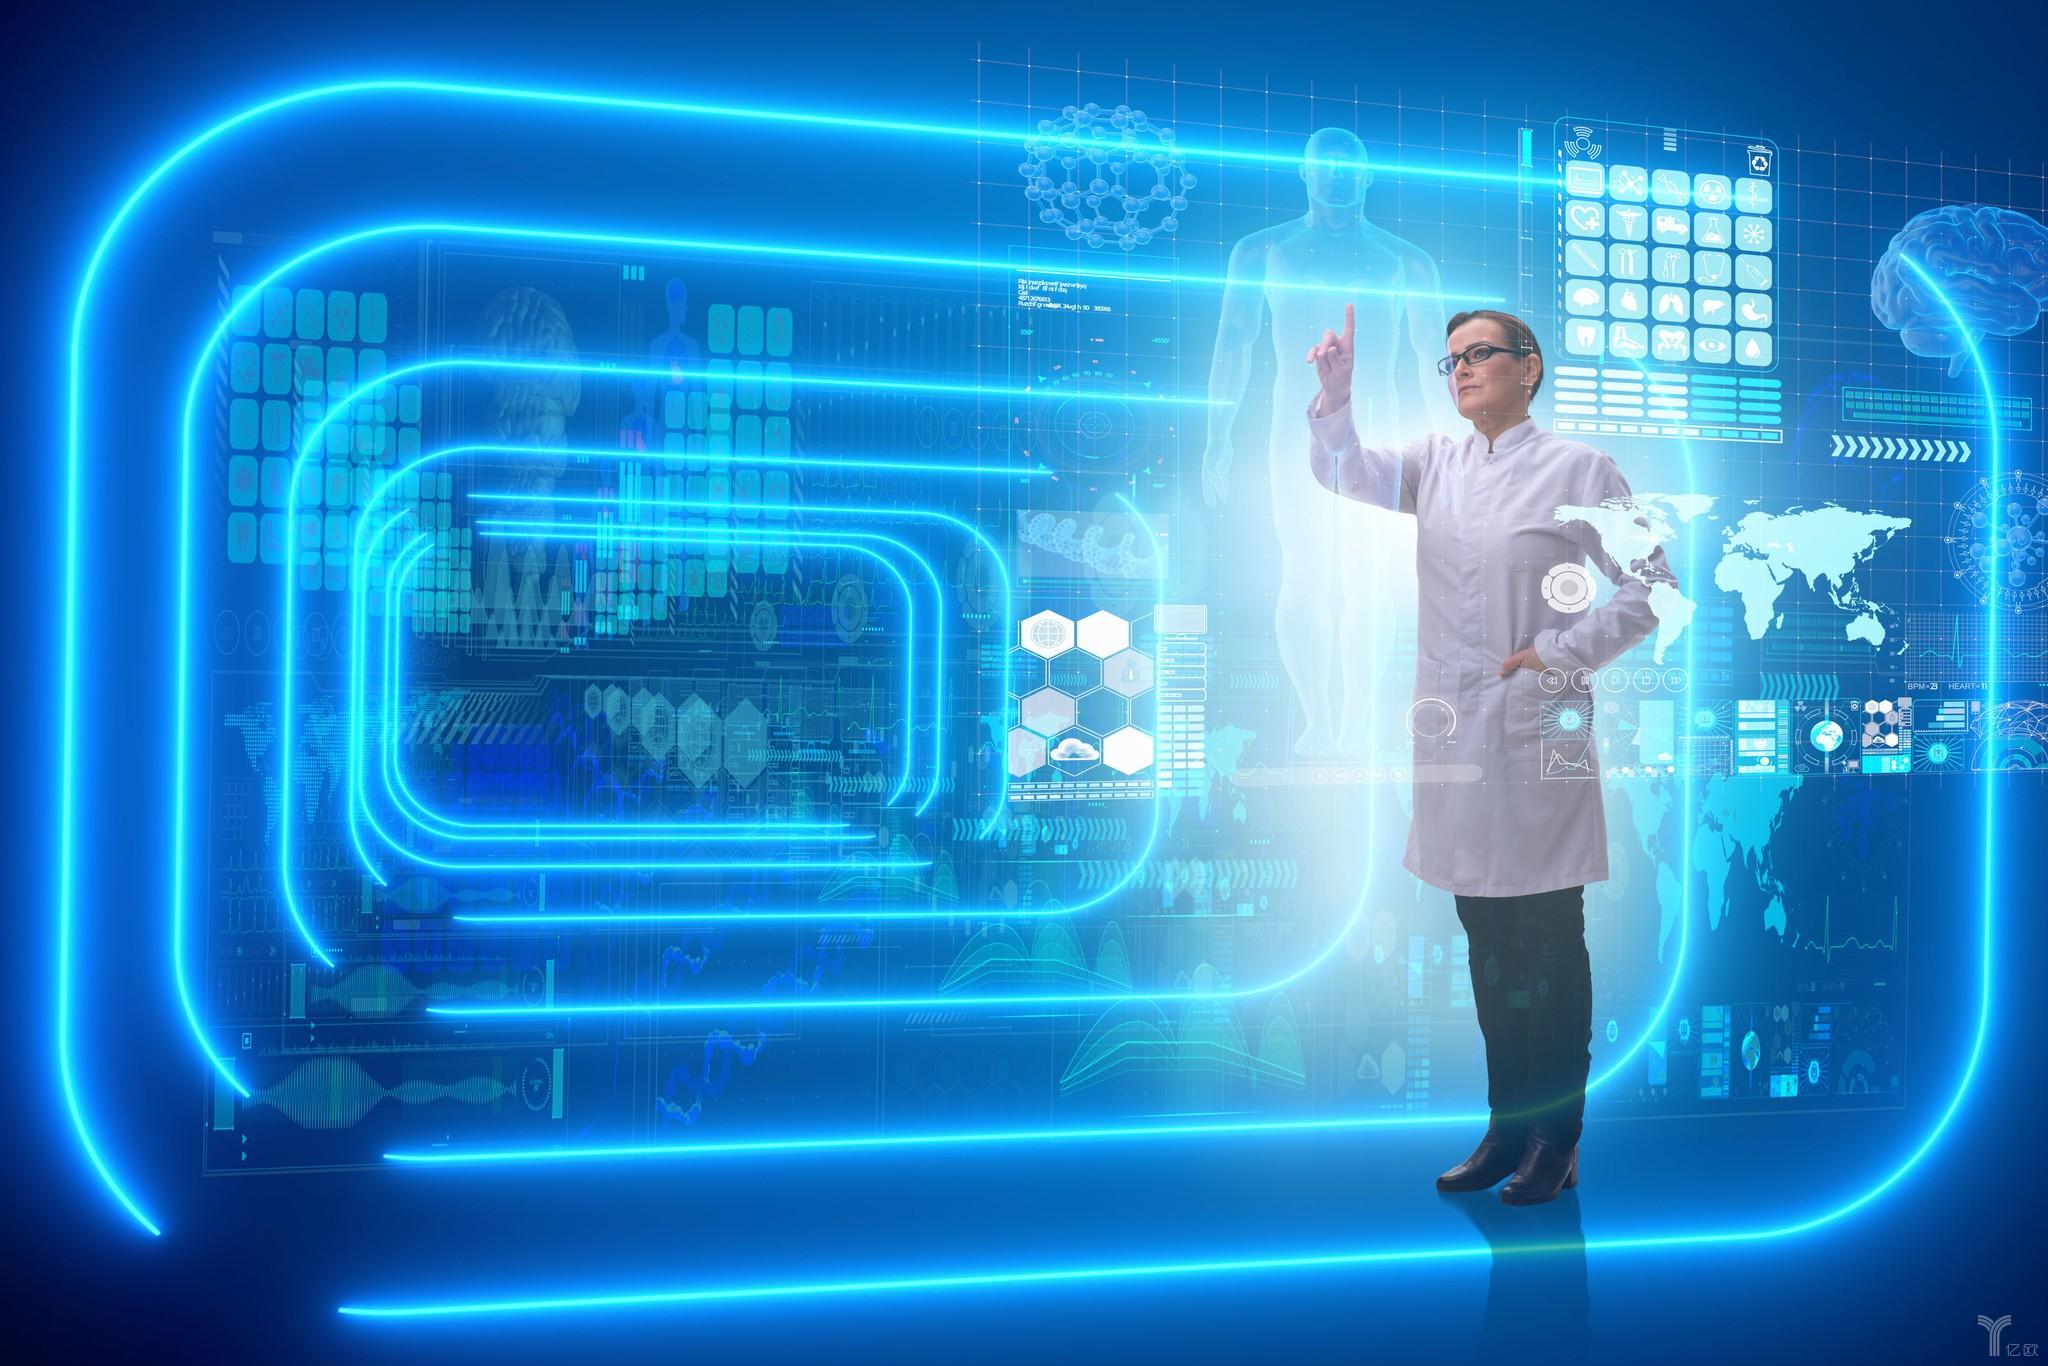 报告精读:物联网技术将带动智慧医院快速发展